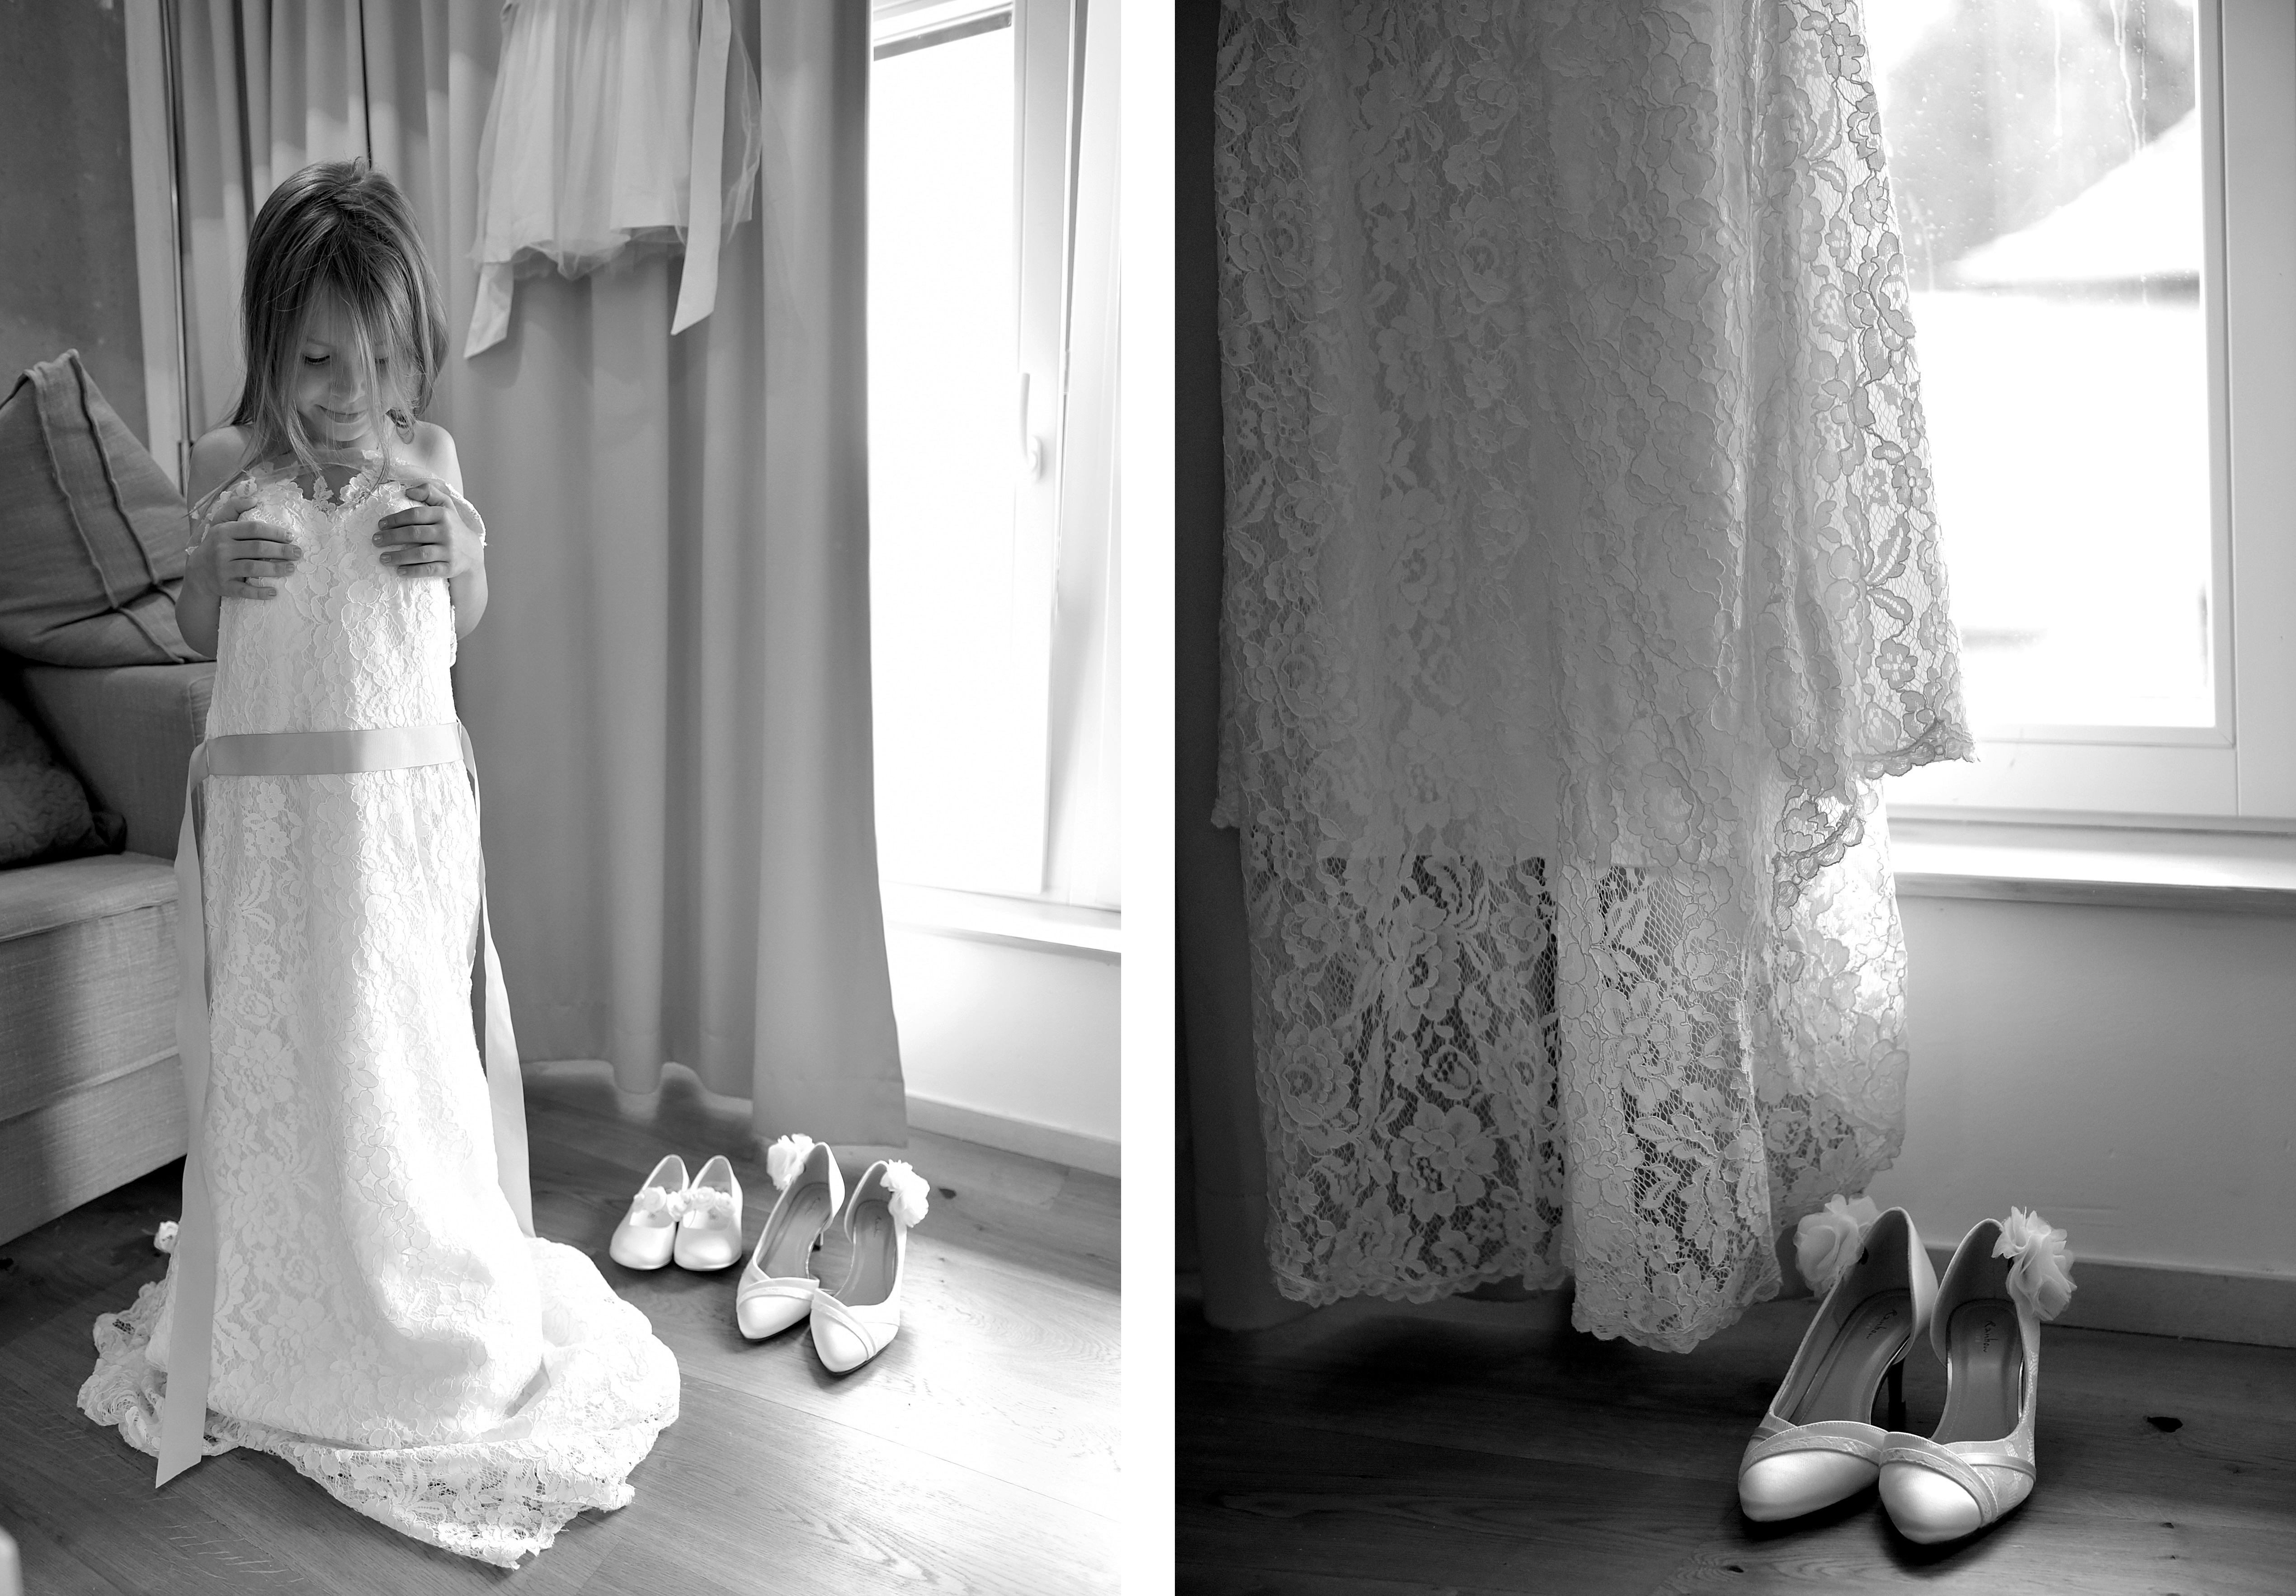 romantische hochzeit auf dem landgut stober bei berlin, heiraten am see, hochzeit landgut stober, heiraten mit kindern, hochzeitsfotograf berlin, hochzeitsfotos mit kindern, bildidee hochzeit am see, fotografie jennifer sanchez